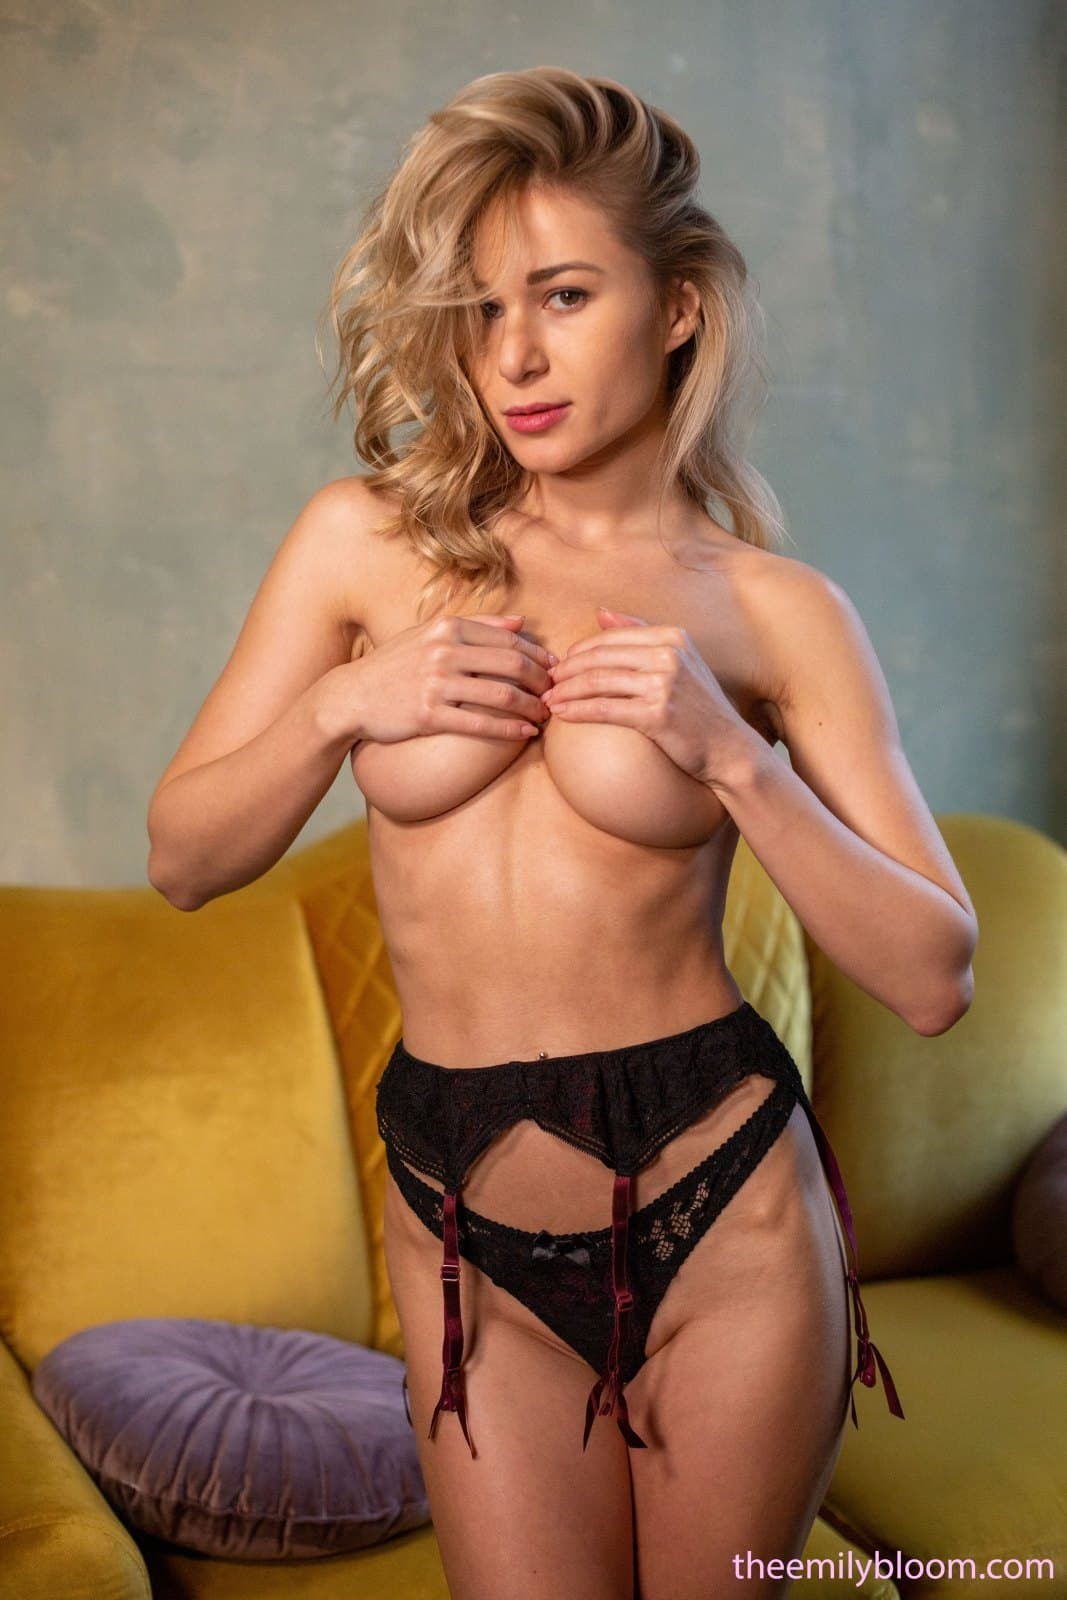 Стройная девушка с сексуальным красивым телом - фото